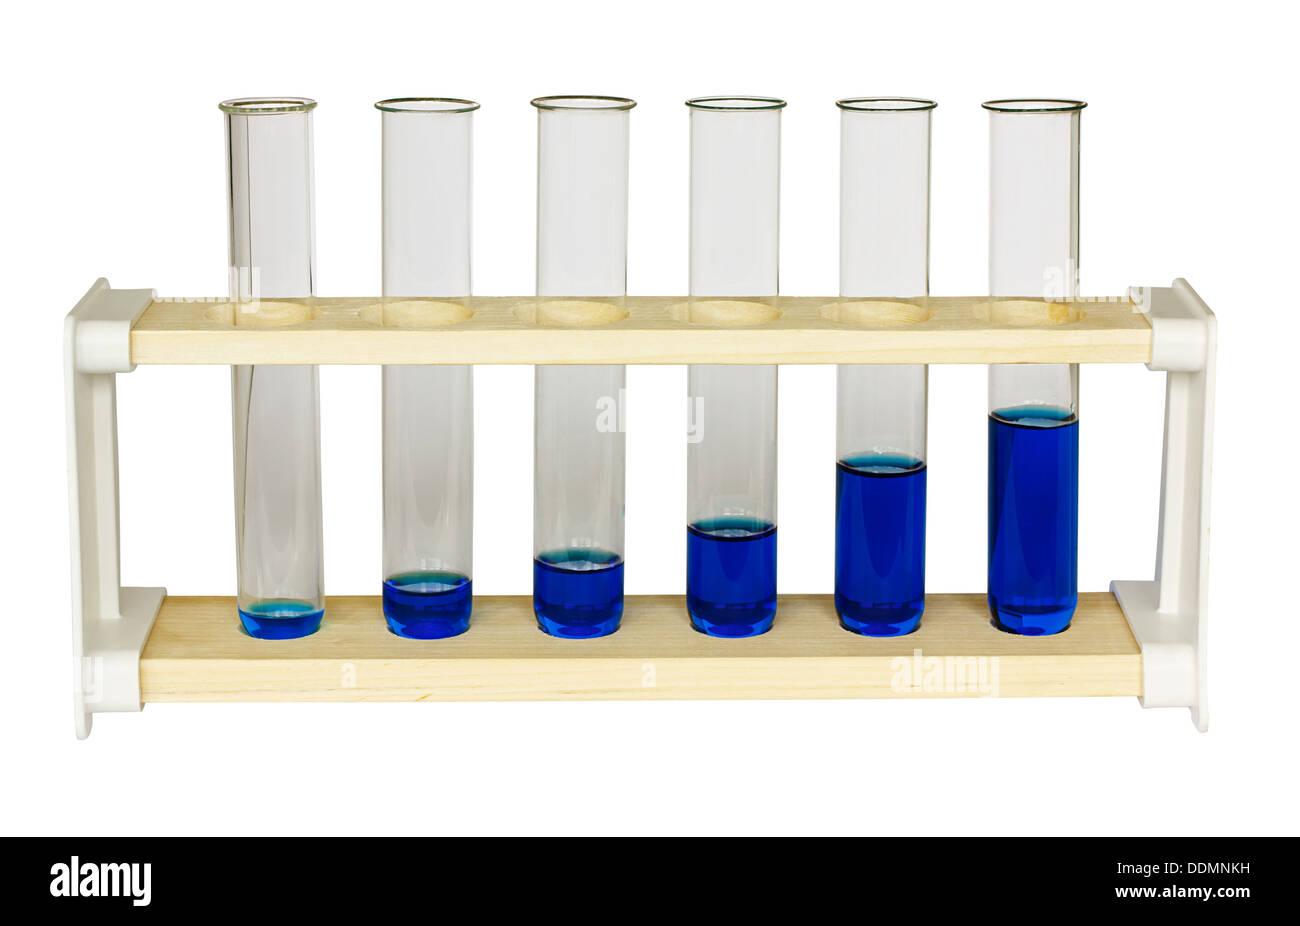 Testen Sie Rohre mit steigenden Mengen der blauen Lösung symbolisiert Wachstum Diagramm oder Erfolg graph Stockbild